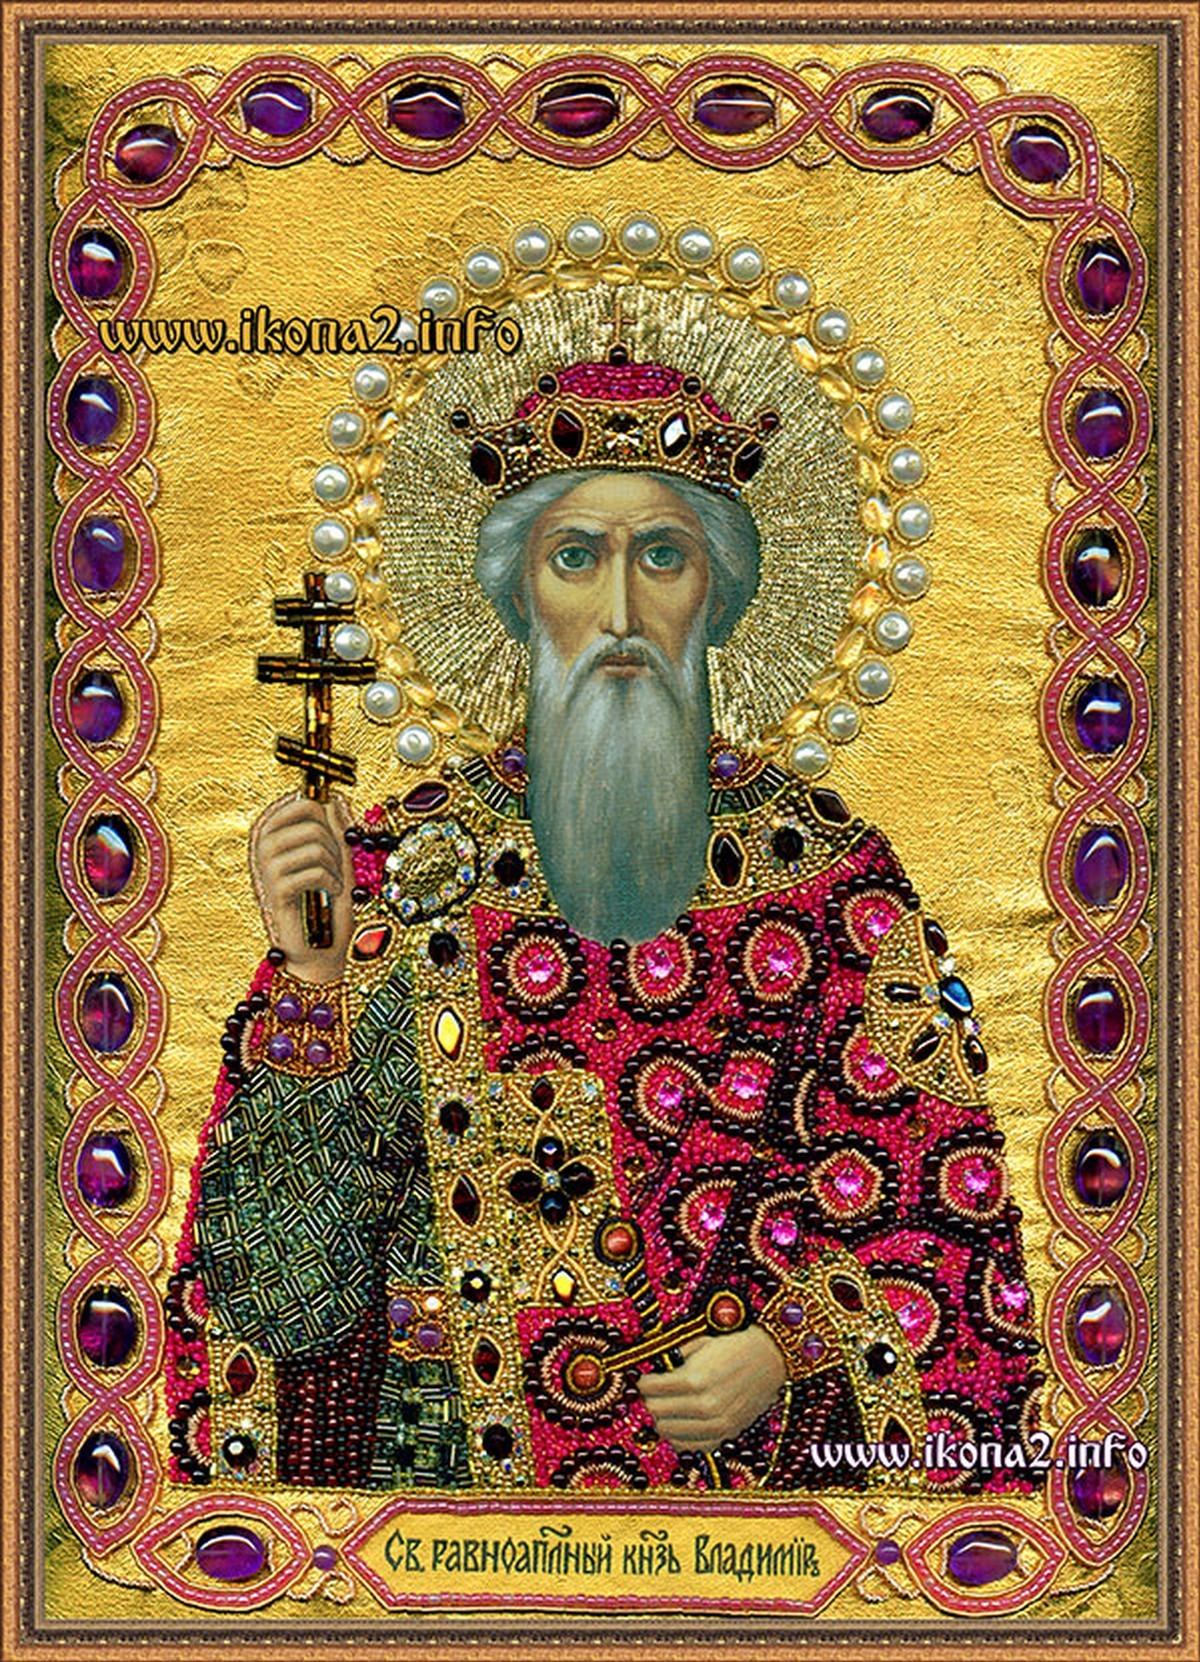 Святой равноапостольный великий князь Владимир икона вышитая бисером